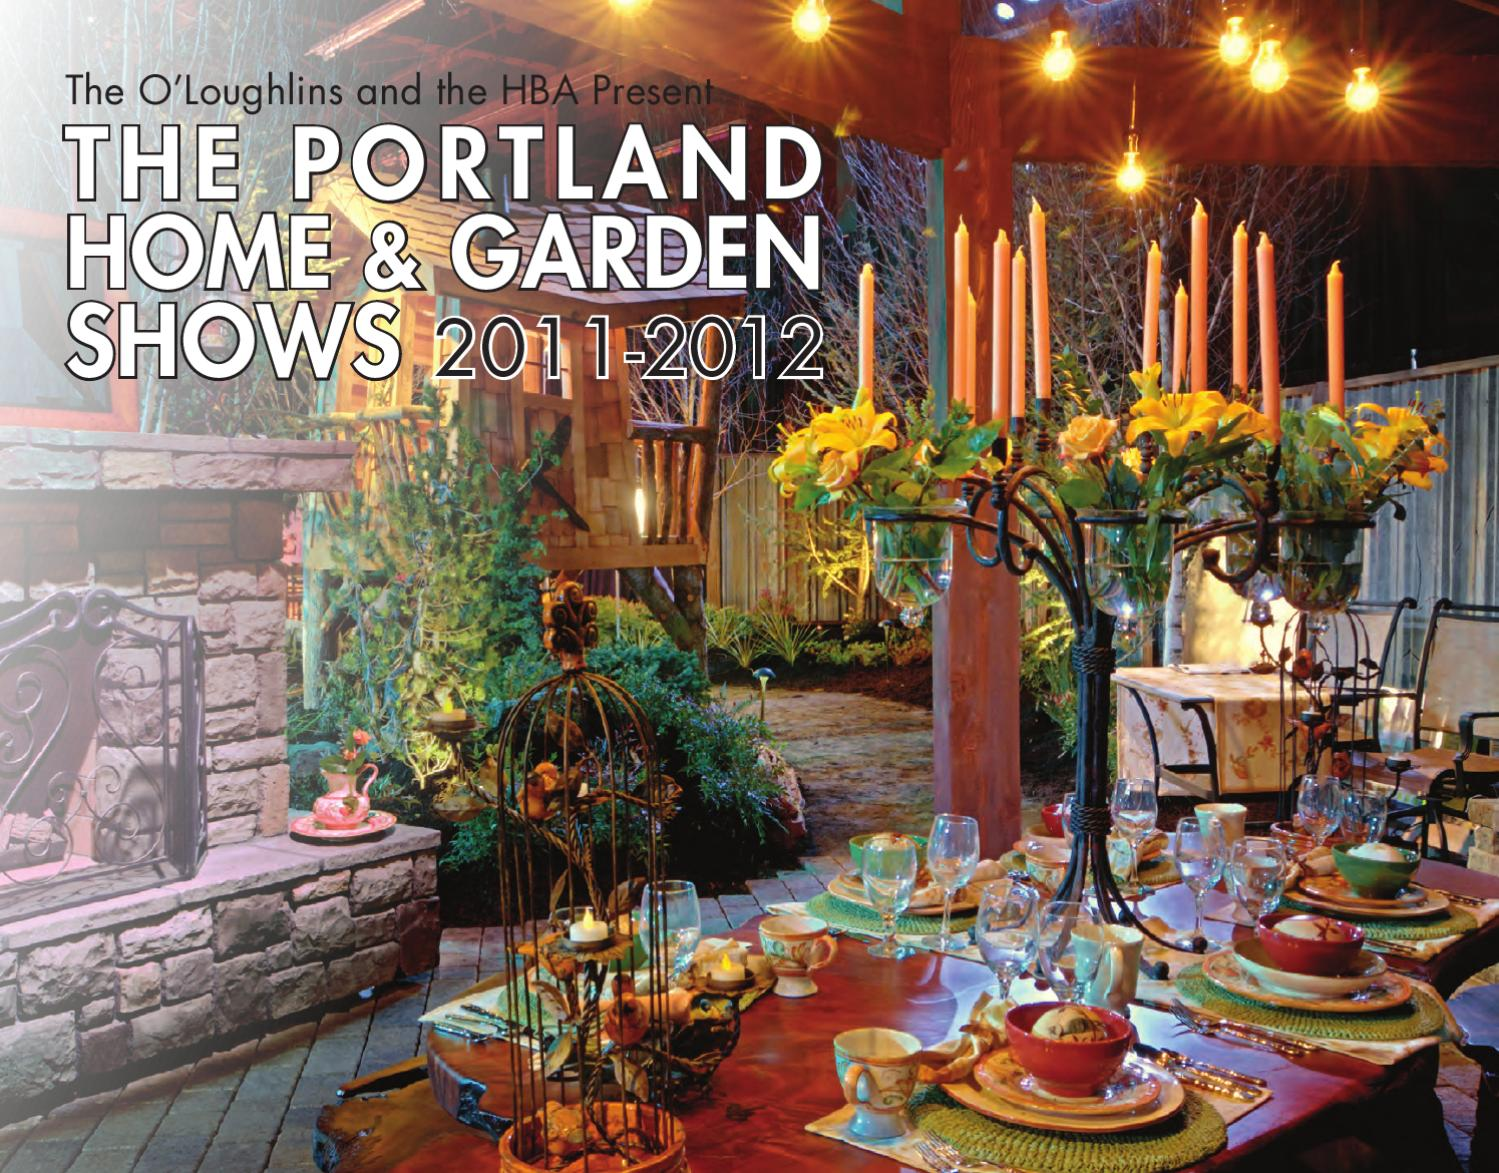 Portland Home Garden Shows Exhibitor Brochure By O